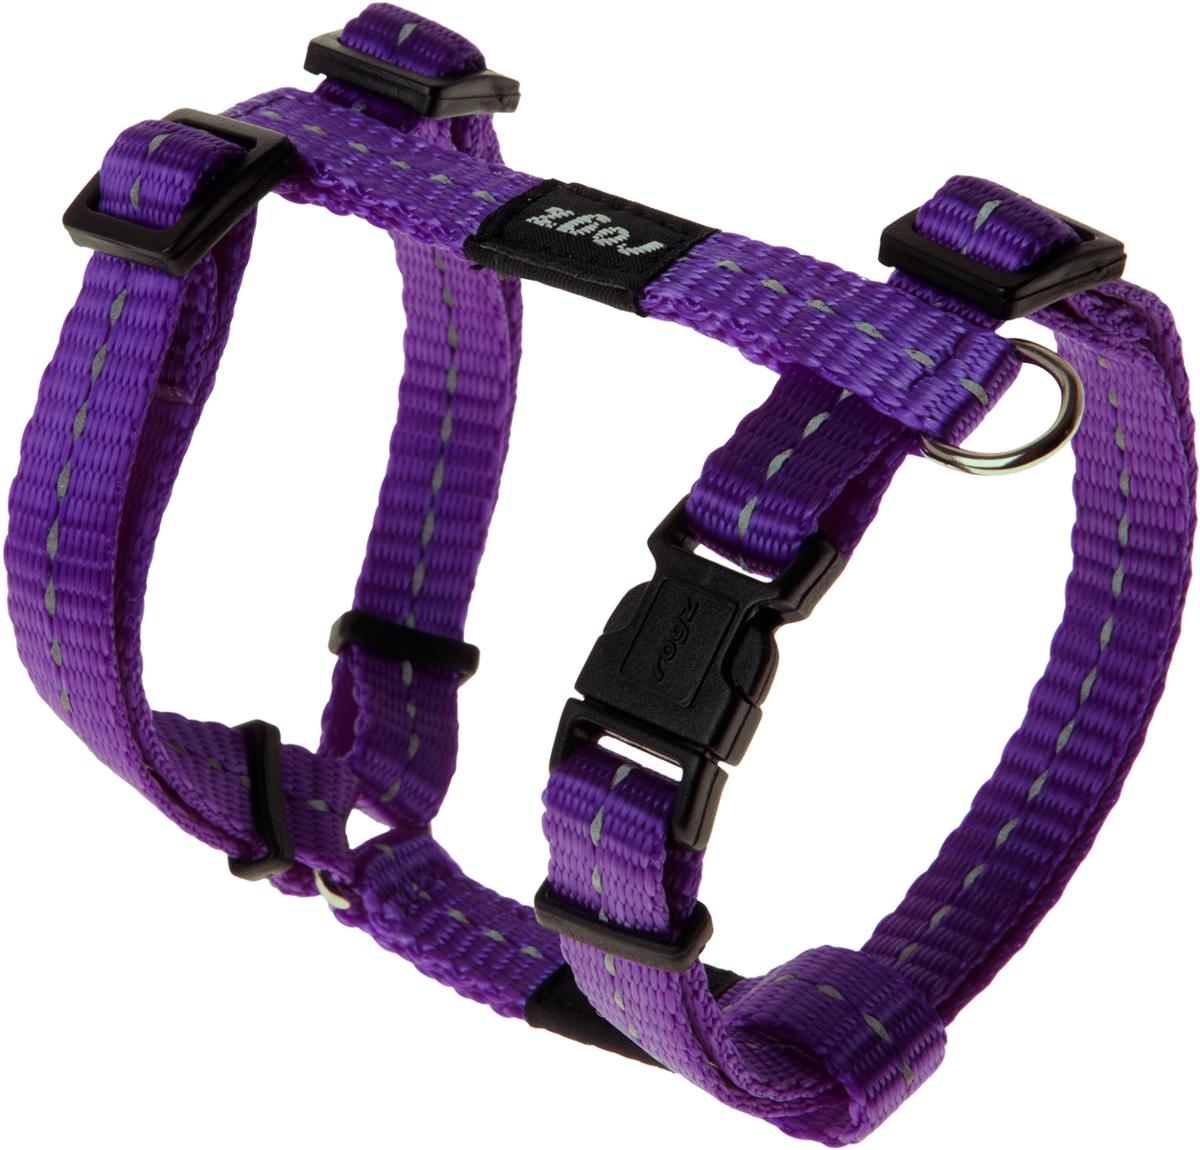 Шлейка для собак Rogz Utility, цвет: фиолетовый, ширина 1,1 см. Размер S12171996Шлейка для собак Rogz Utility со светоотражающей нитью, вплетенной в нейлоновую ленту, обеспечивает лучшую видимость собаки в темное время суток. Специальная конструкция пряжки Rog Loc - очень крепкая (система Fort Knox). Замок может быть расстегнут только рукой человека. Технология распределения нагрузки позволяет снизить нагрузку на пряжки, изготовленные из титанового пластика, с помощью правильного и разумного расположения грузовых колец, благодаря чему, даже при самых сильных рывках, изделие не рвется и не деформируется.Выполненные специально по заказу ROGZ литые кольца гальванически хромированы, что позволяет избежать коррозии и потускнения изделия.